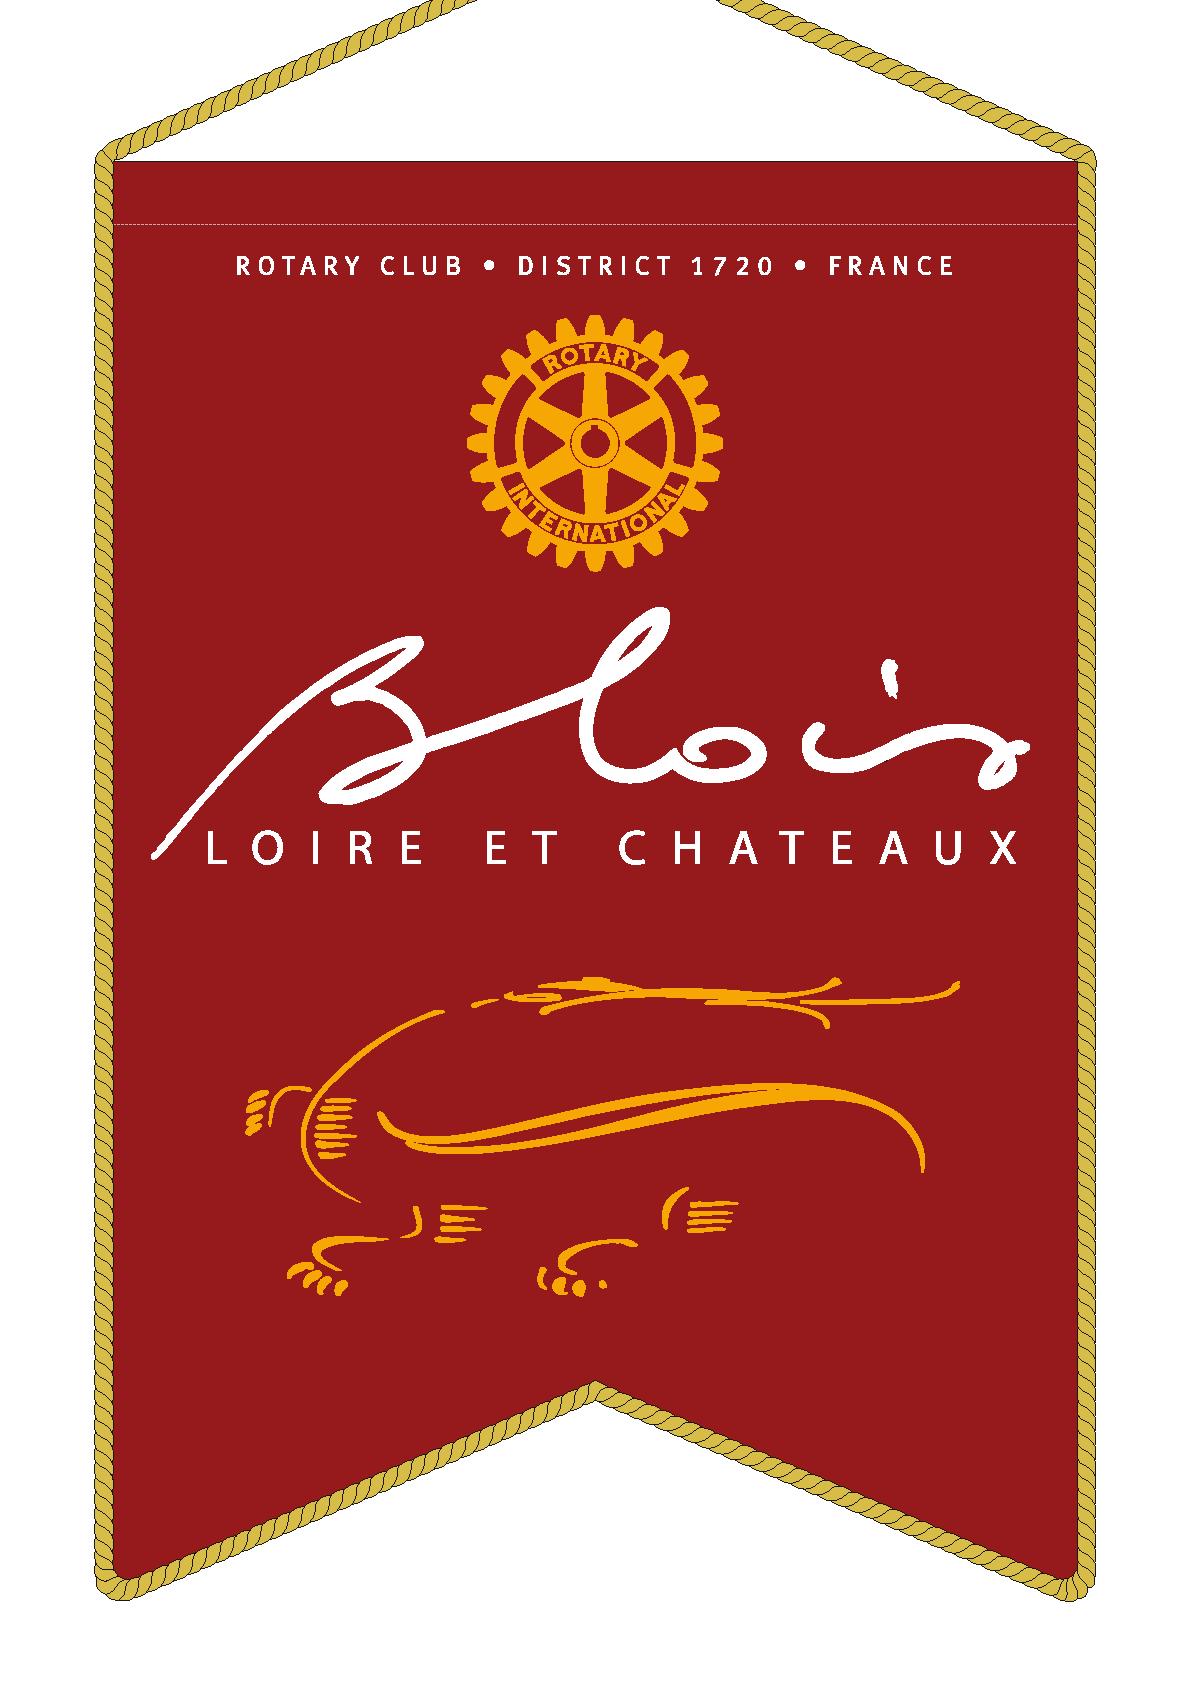 FANION ROTARY CLUB BLOIS LOIRE ET CHATEAUX